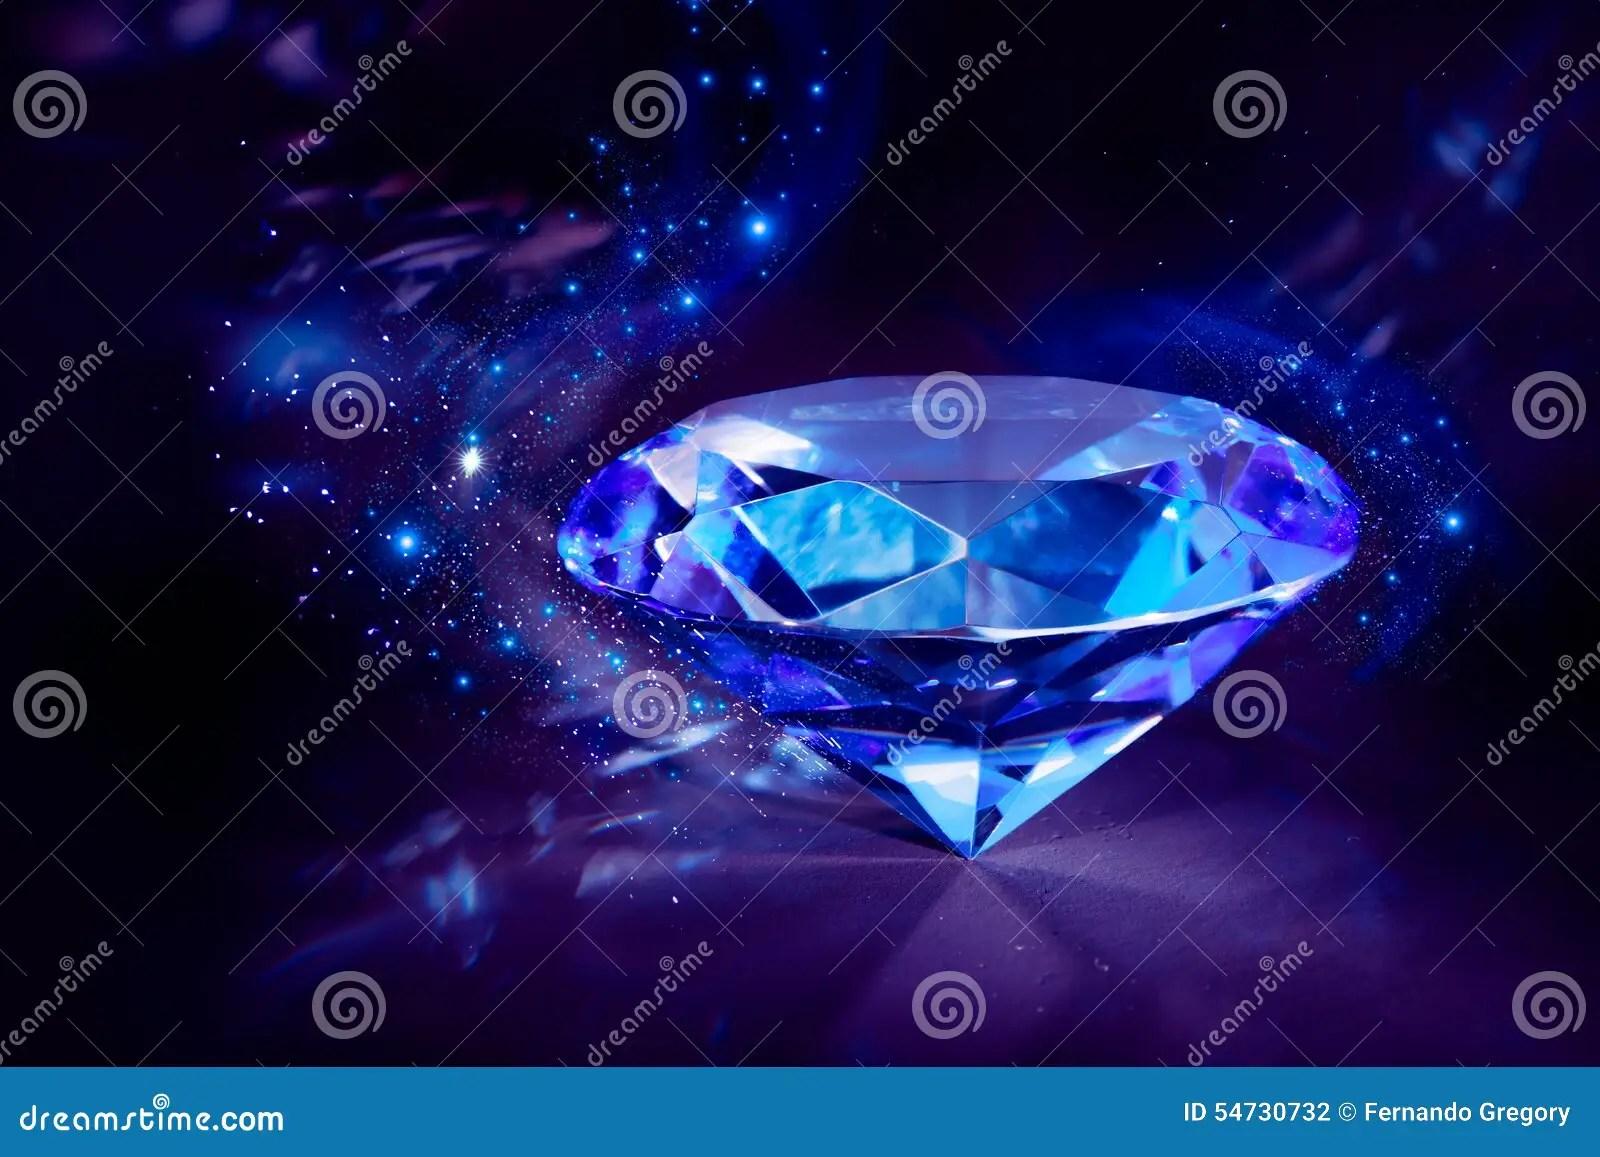 Shiny Blue Diamond On A Black Background Stock Photo